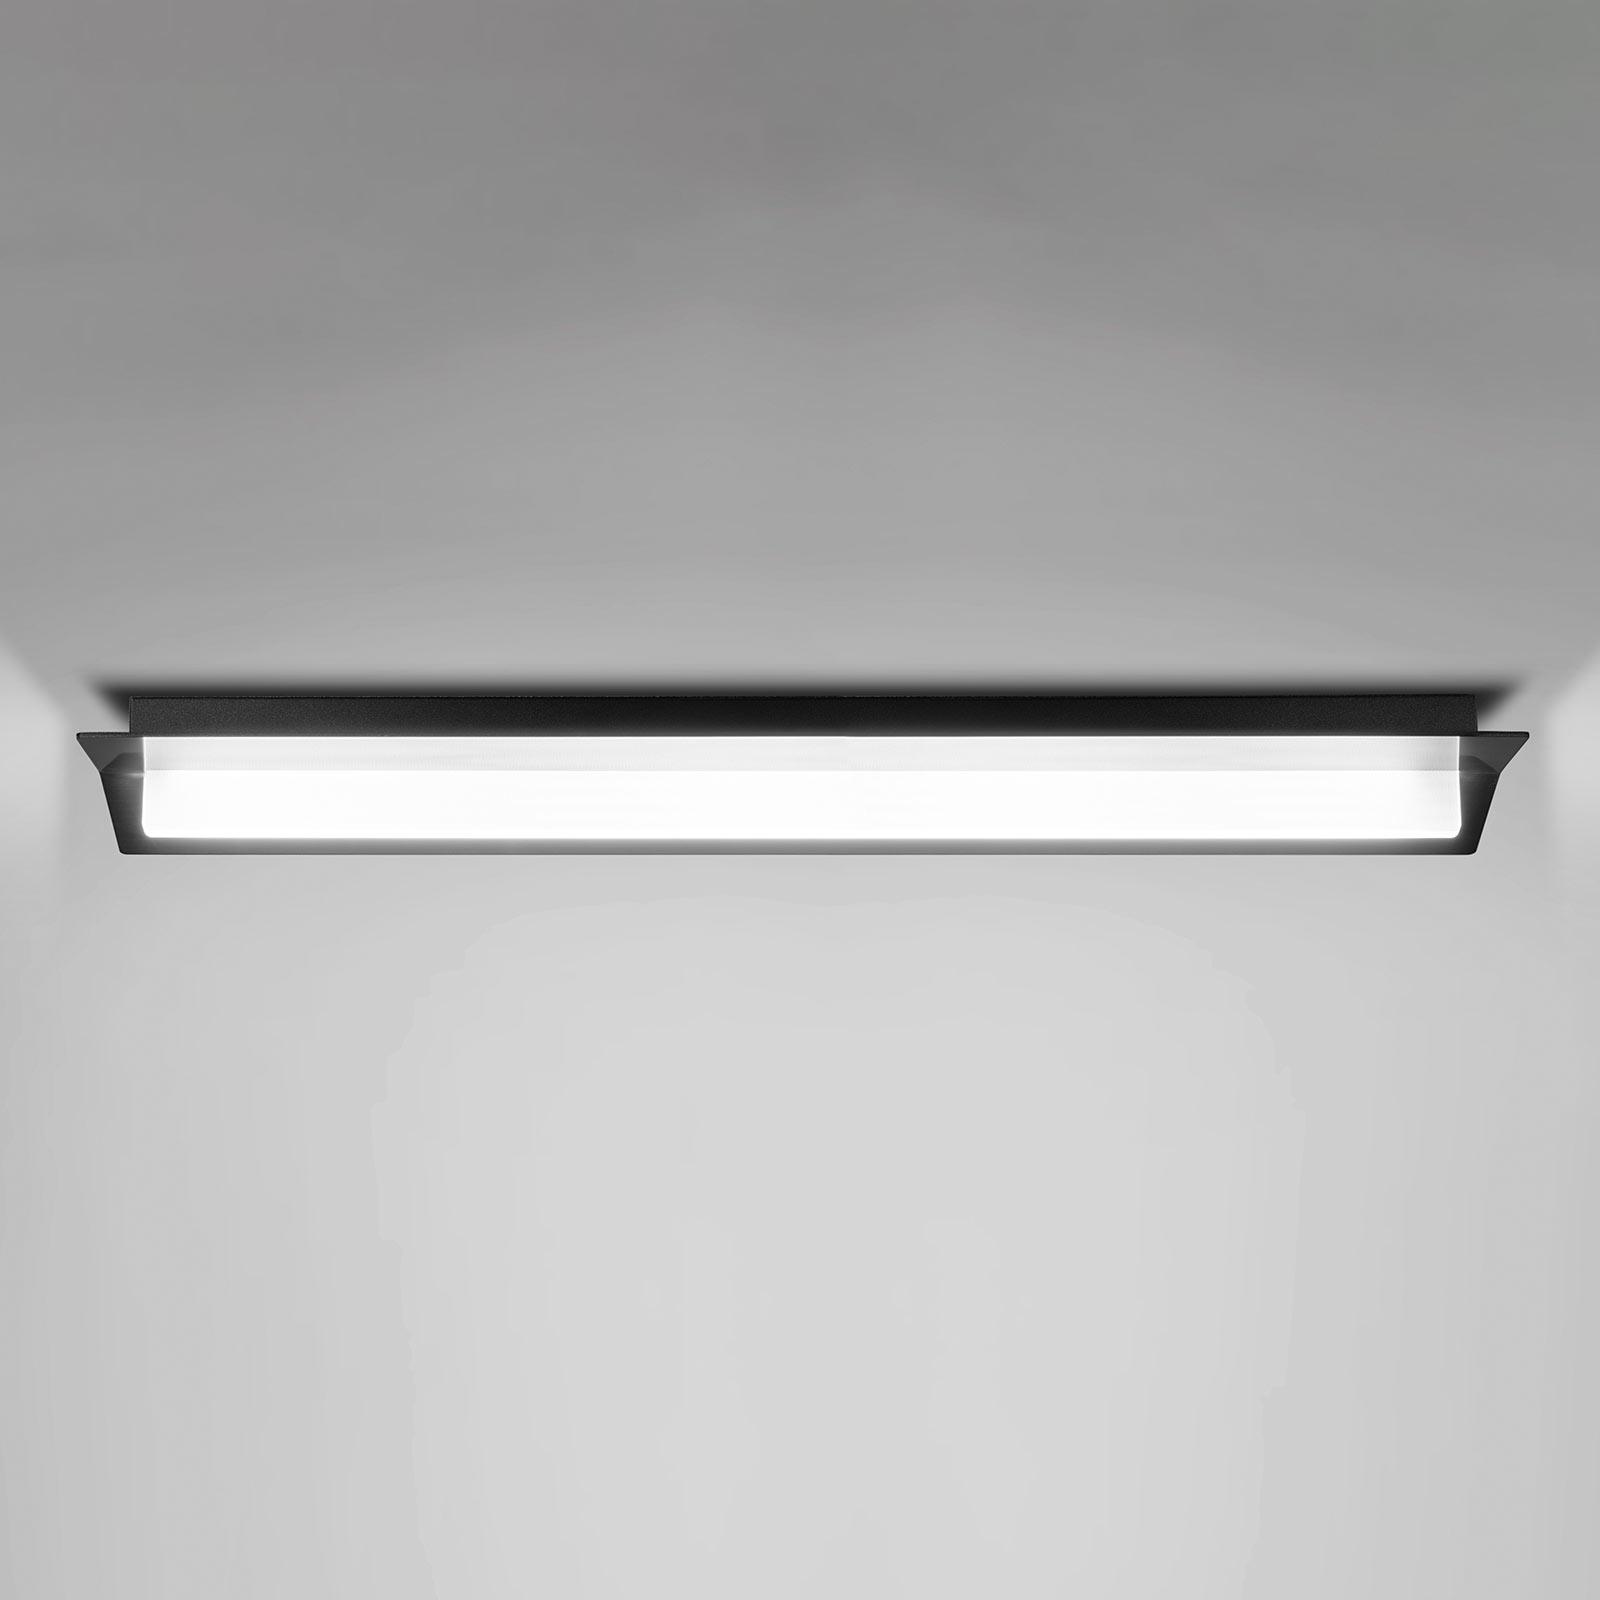 LED-Deckenleuchte Flurry, 70 cm, schwarz